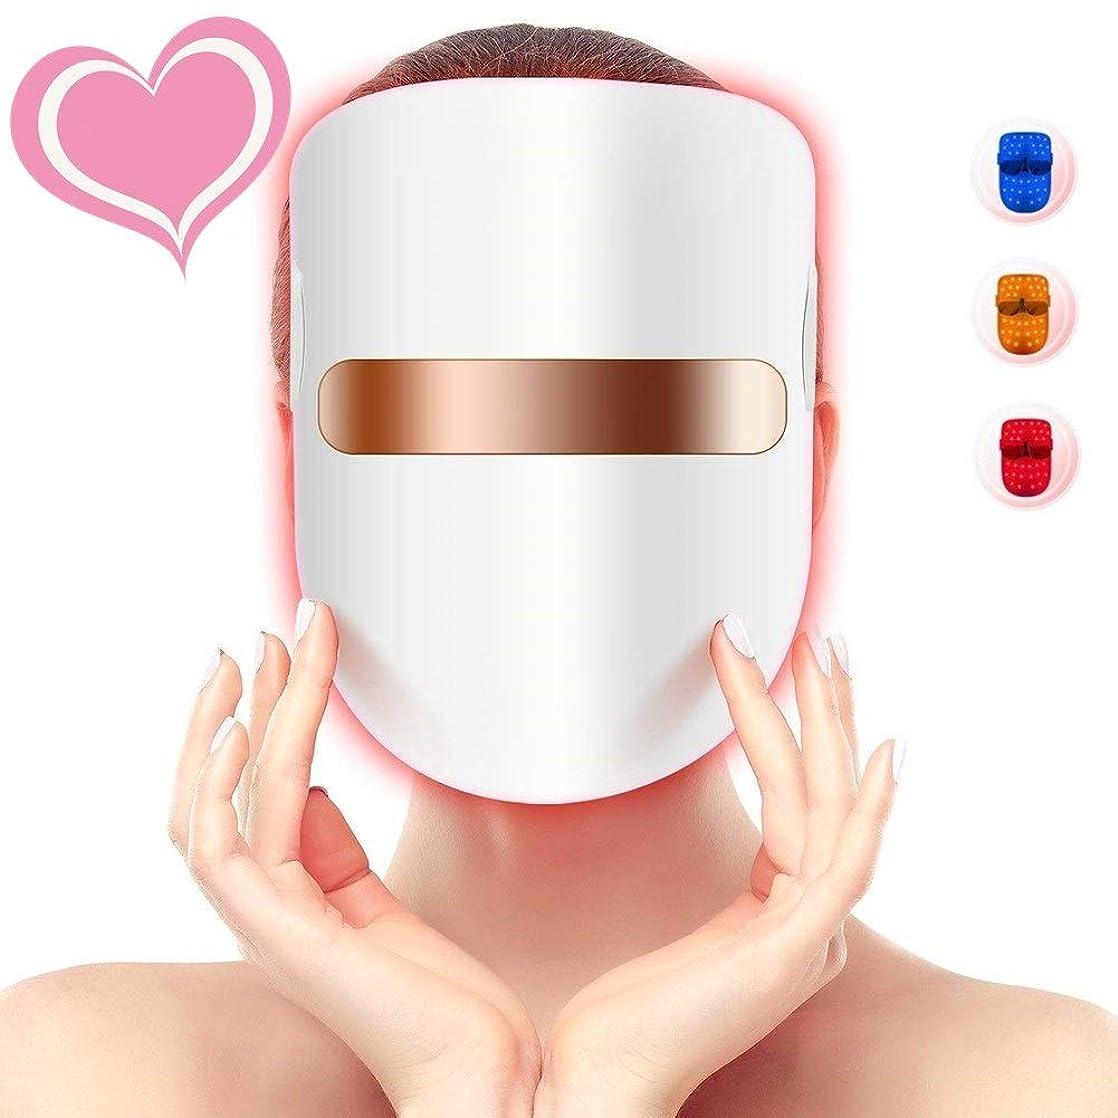 心配風刺ぬれた3色の軽い療法のアクネのマスク、LEDの顔のマスク、導かれた光子療法の顔の美のマスクのにきびのしわのコラーゲンの顔のスキンケアの若返りのための無制限の処置